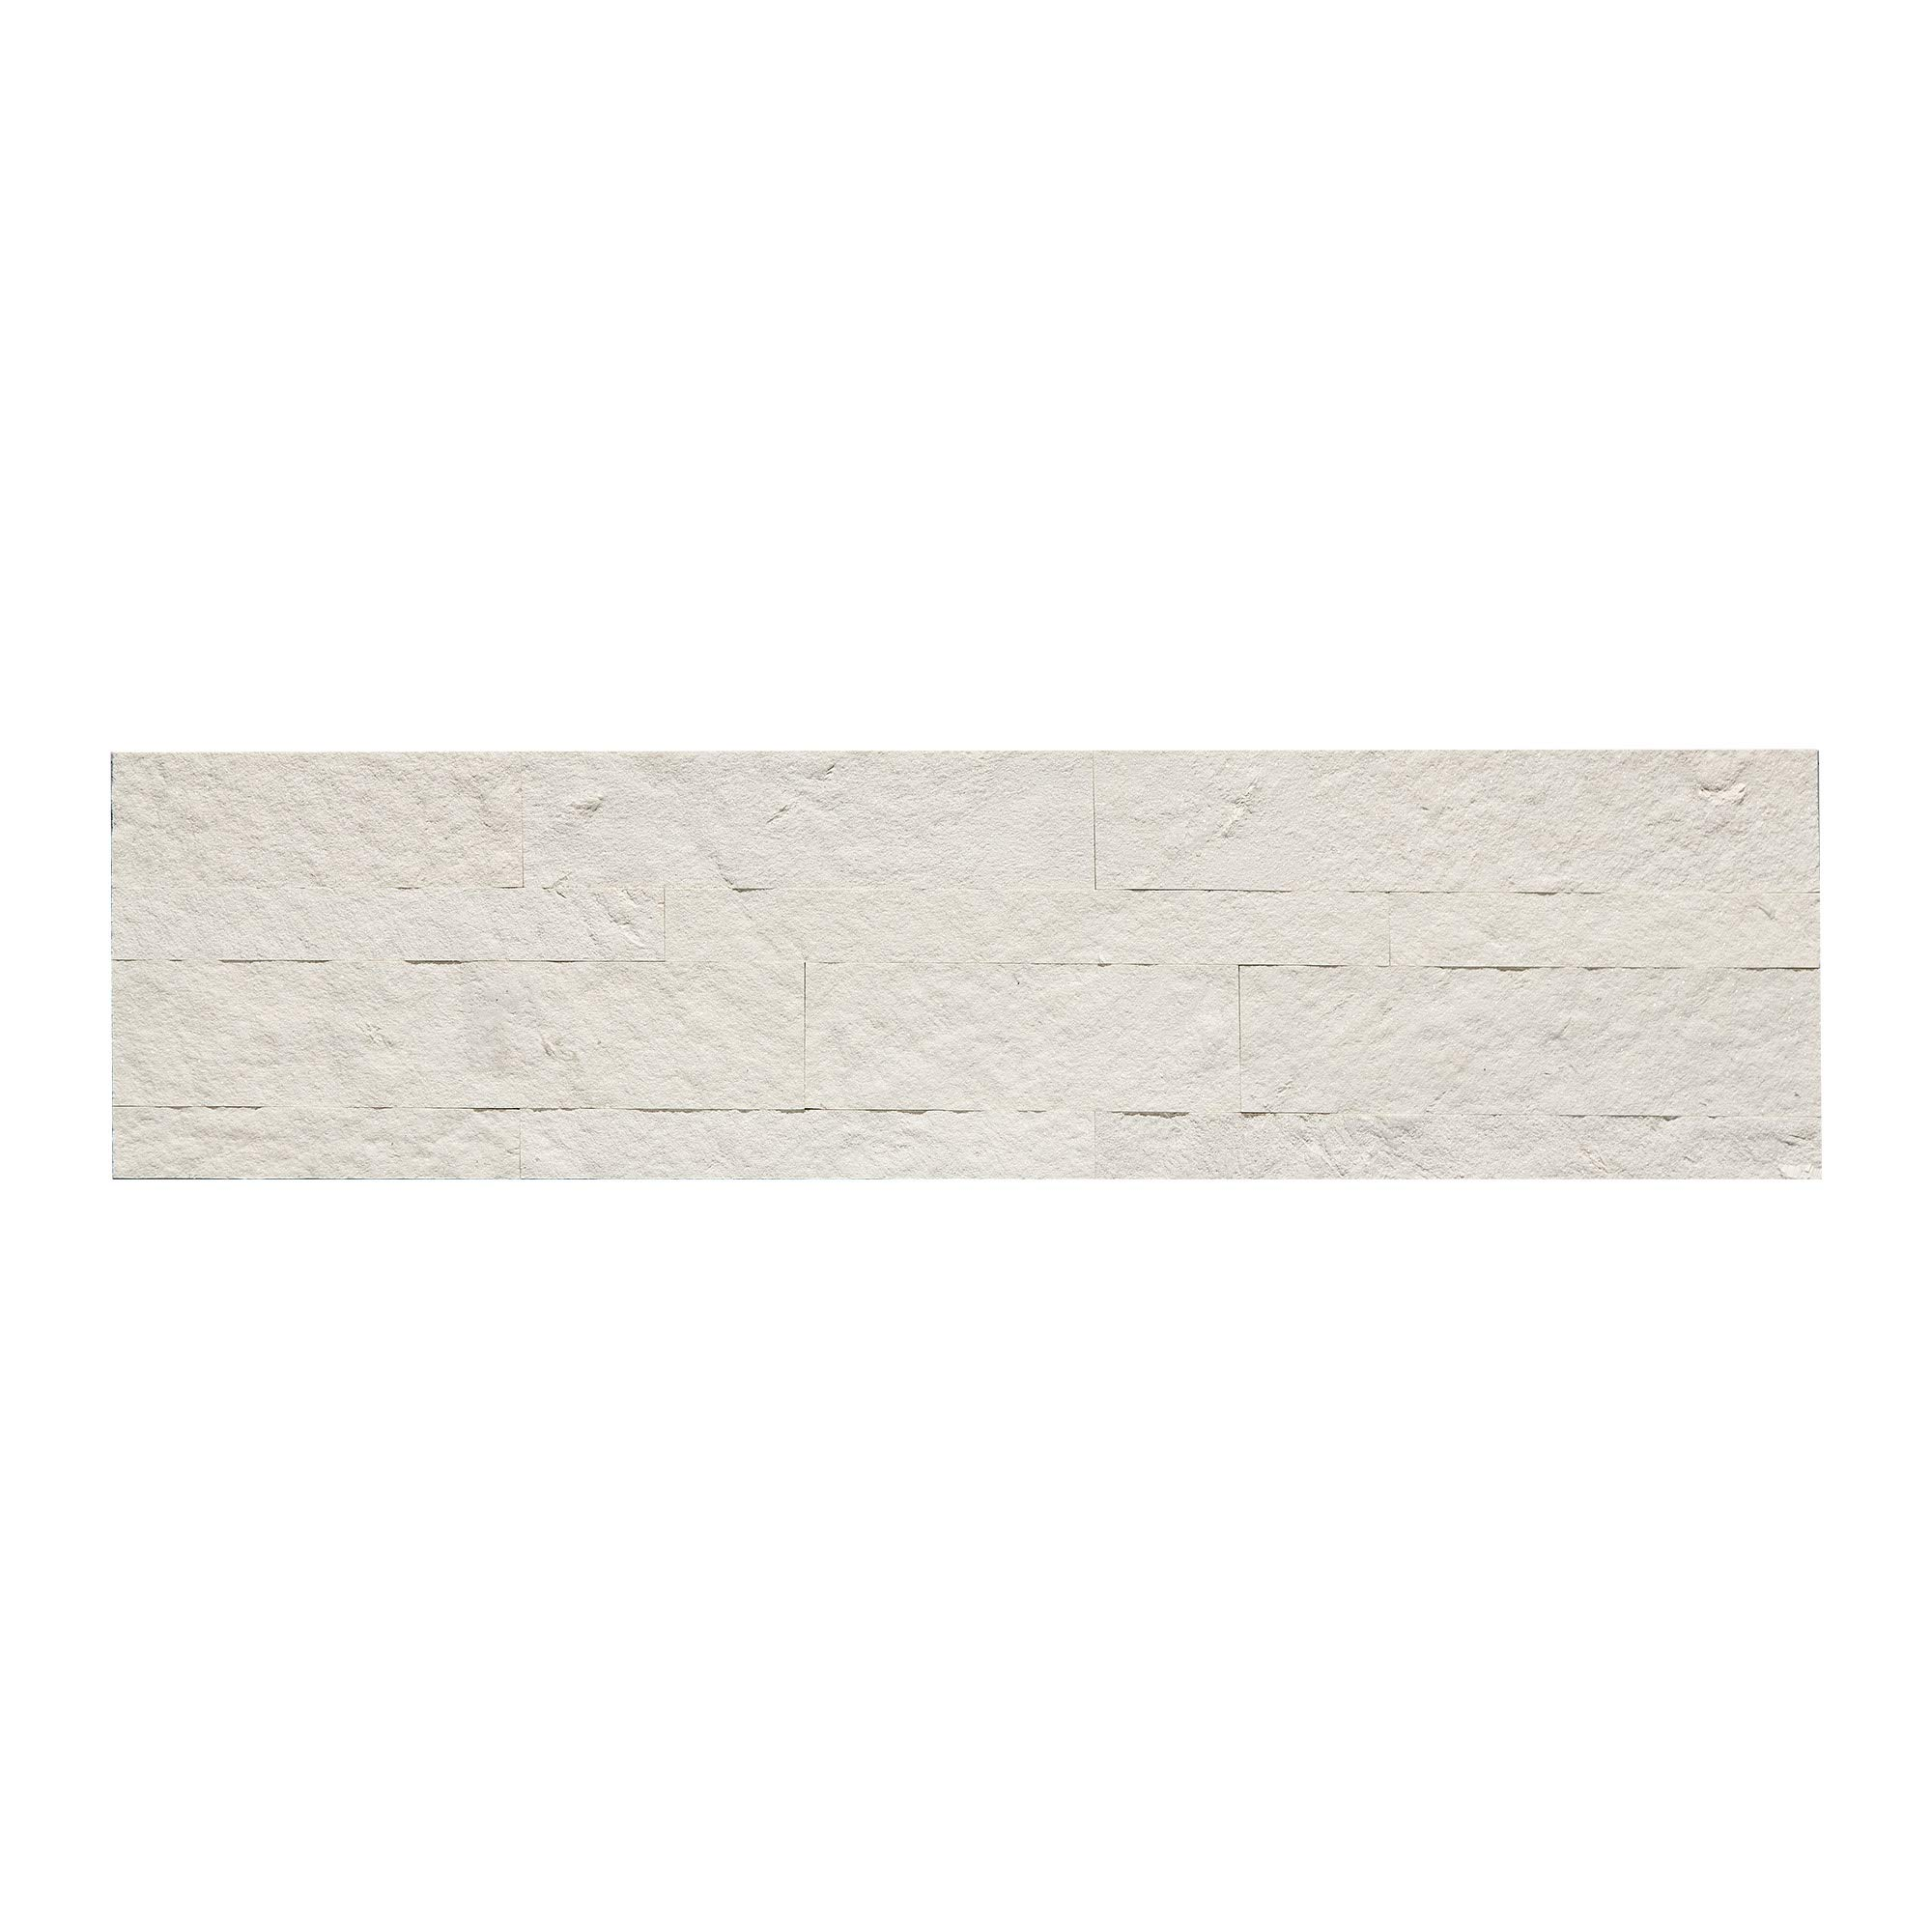 Aspect Peel and Stick Stone Overlay Kitchen Backsplash (5.9'' x 23.6'' Panel, Ivory Marble) - Easy DIY Tile Backsplash